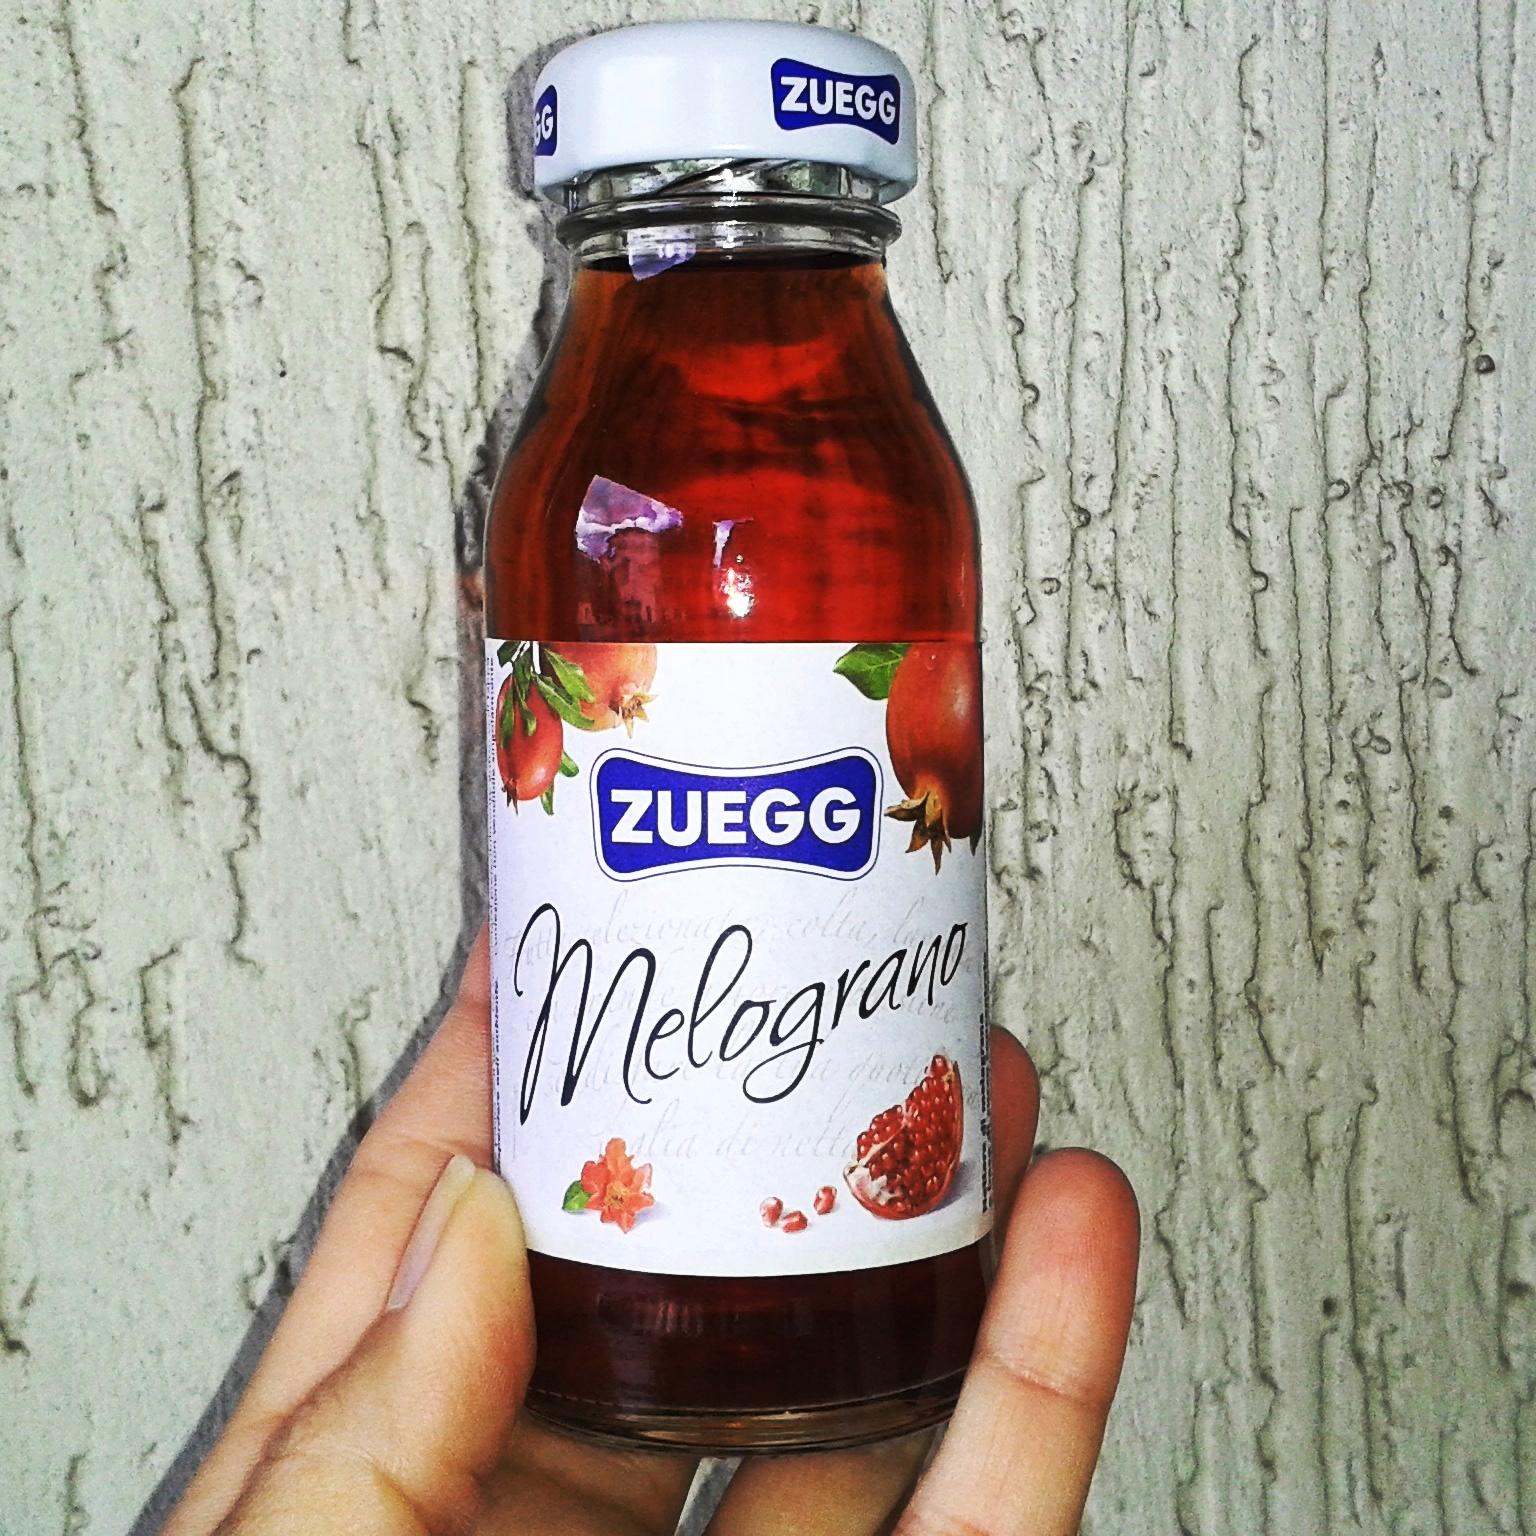 Succo Zuegg al Melograno. Healthy and Tasty! Love it ❤